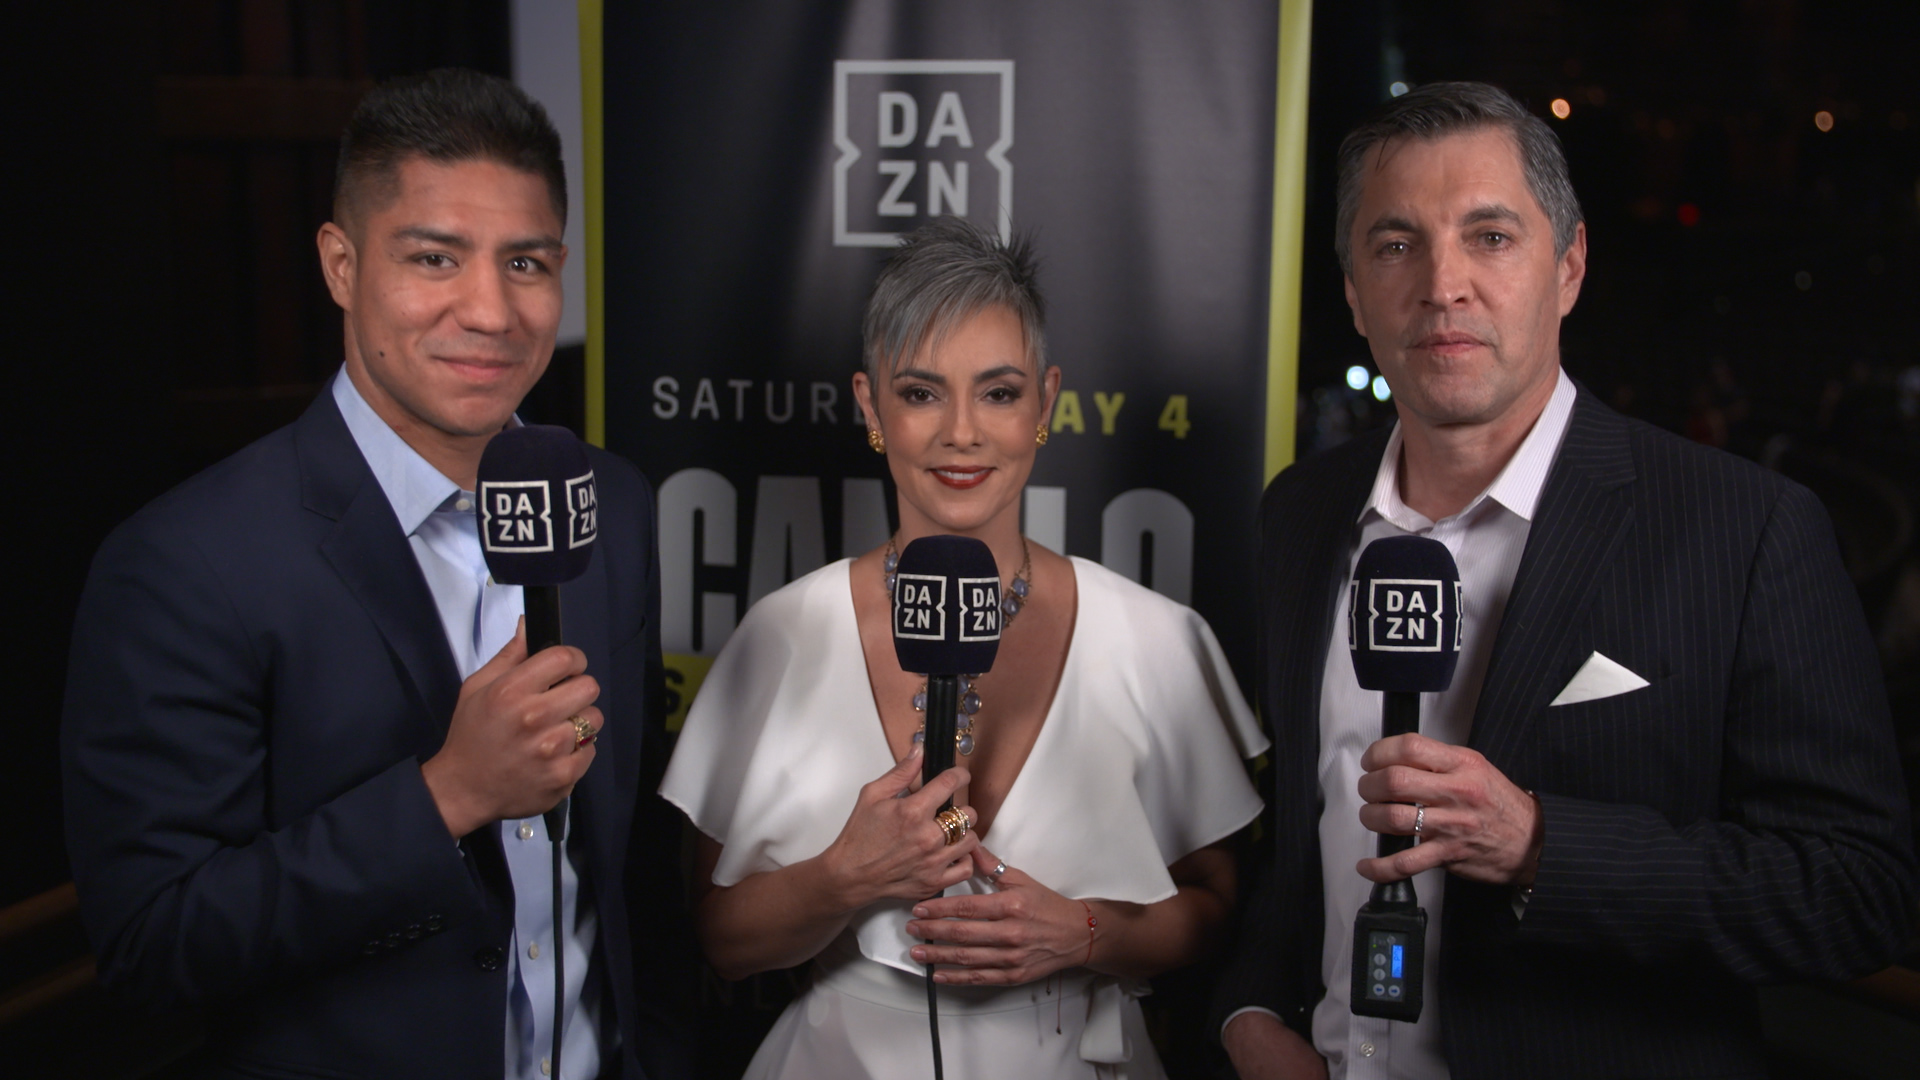 DAZN0037.00 06 22 21.Still001 Go To Team Las Vegas Crew | Canelo Alvarez and Daniel Jacobs